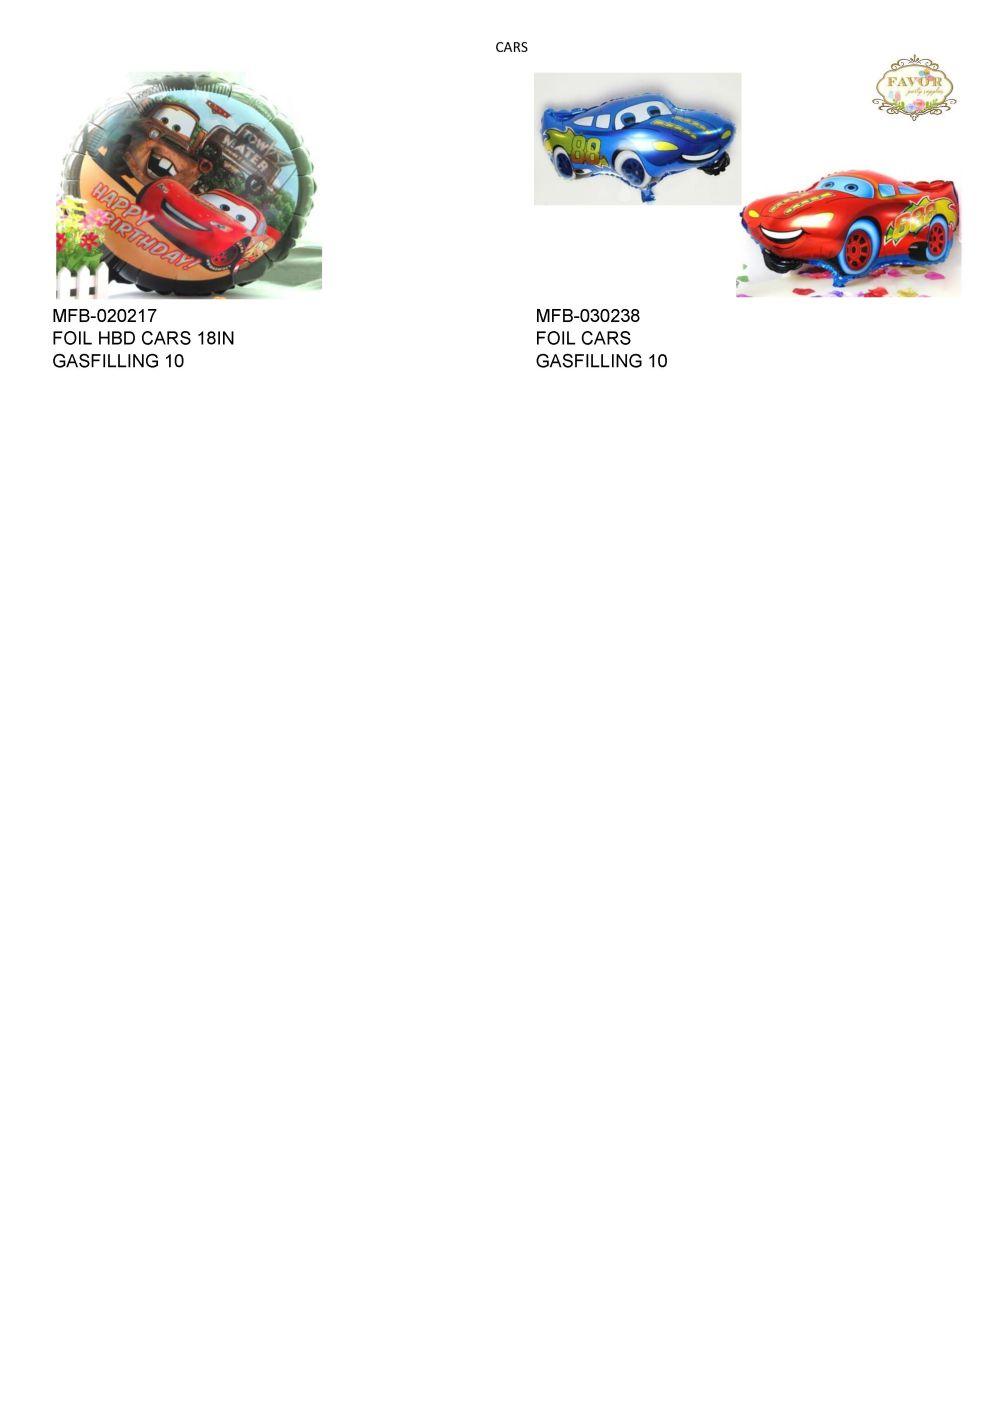 katalog cars.jpg